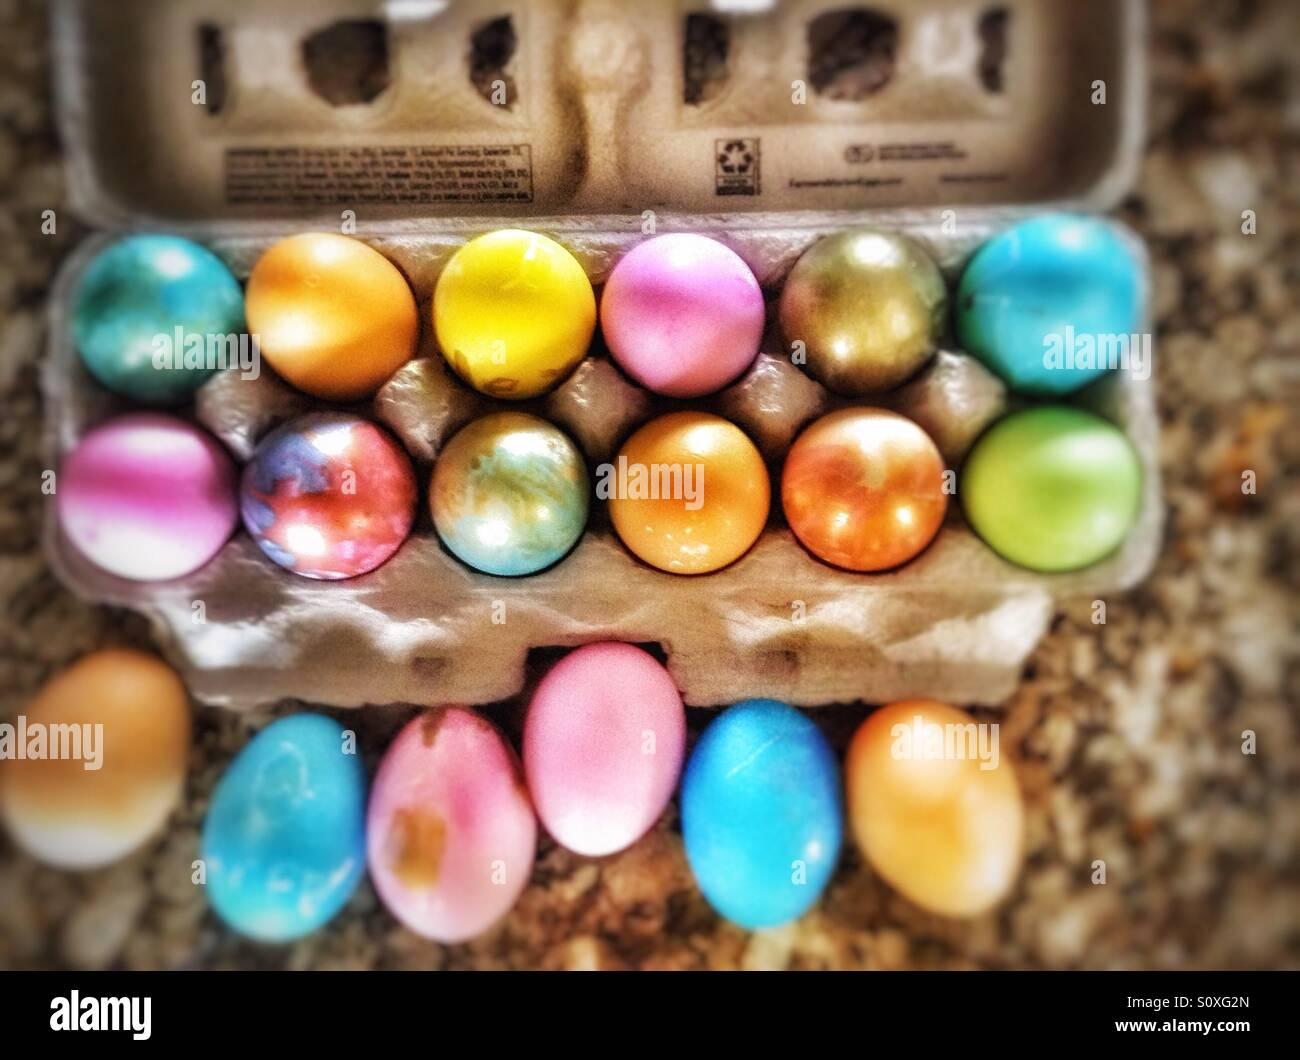 Und ein halbes Dutzend farbigen Eiern in einem Pappkarton. Stockbild